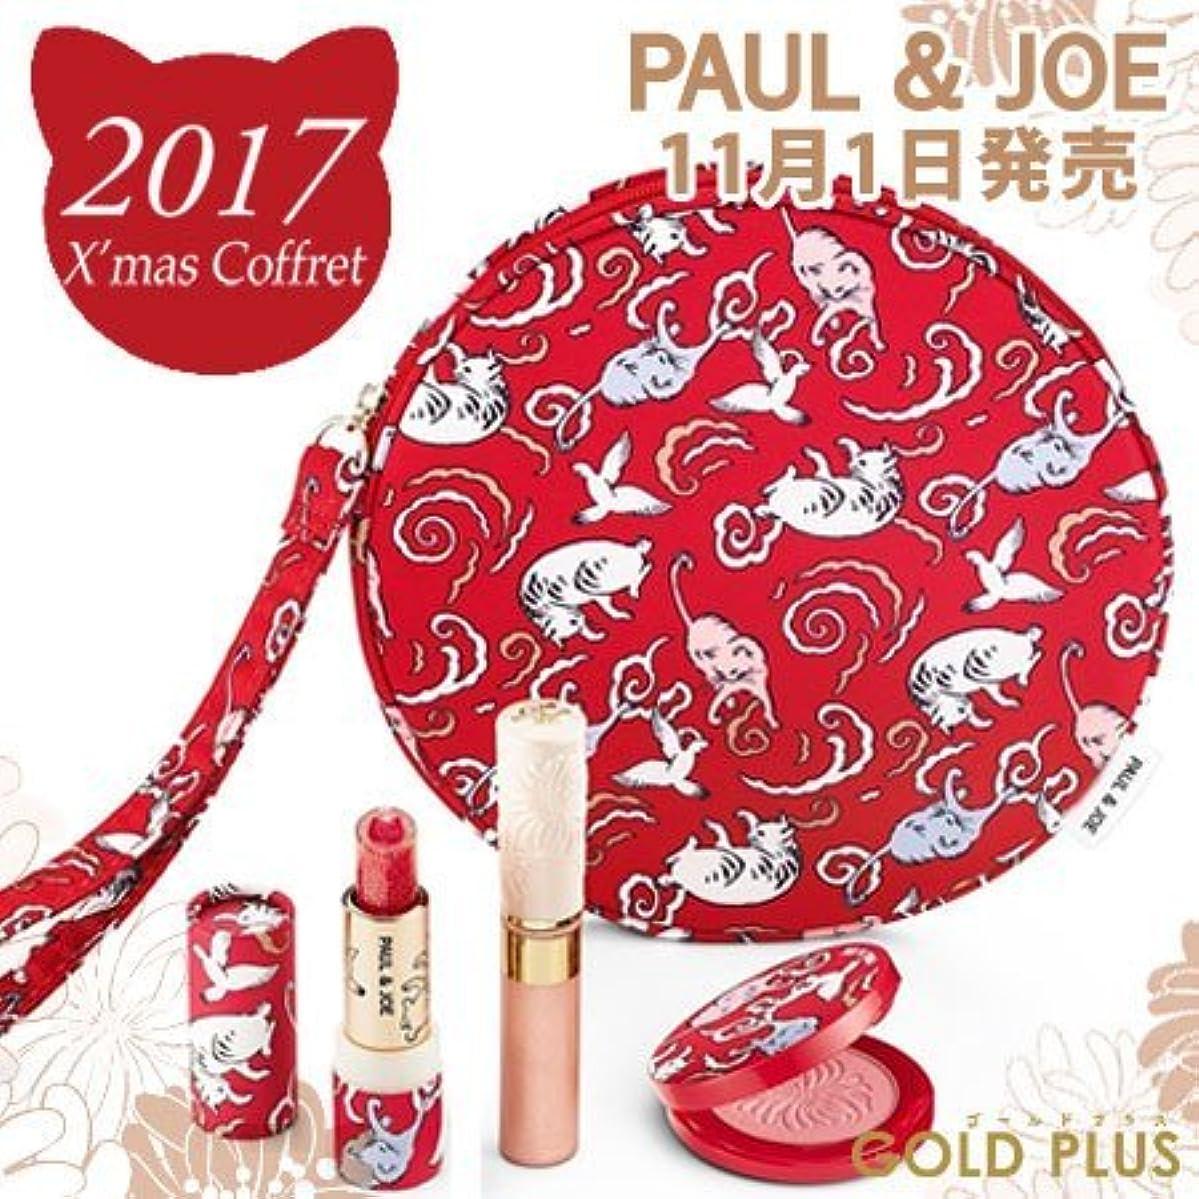 交差点なので半球ポール&ジョー メイクアップ コレクション 2017 【 2017 クリスマス コフレ 】限定品 -PAUL&JOE-